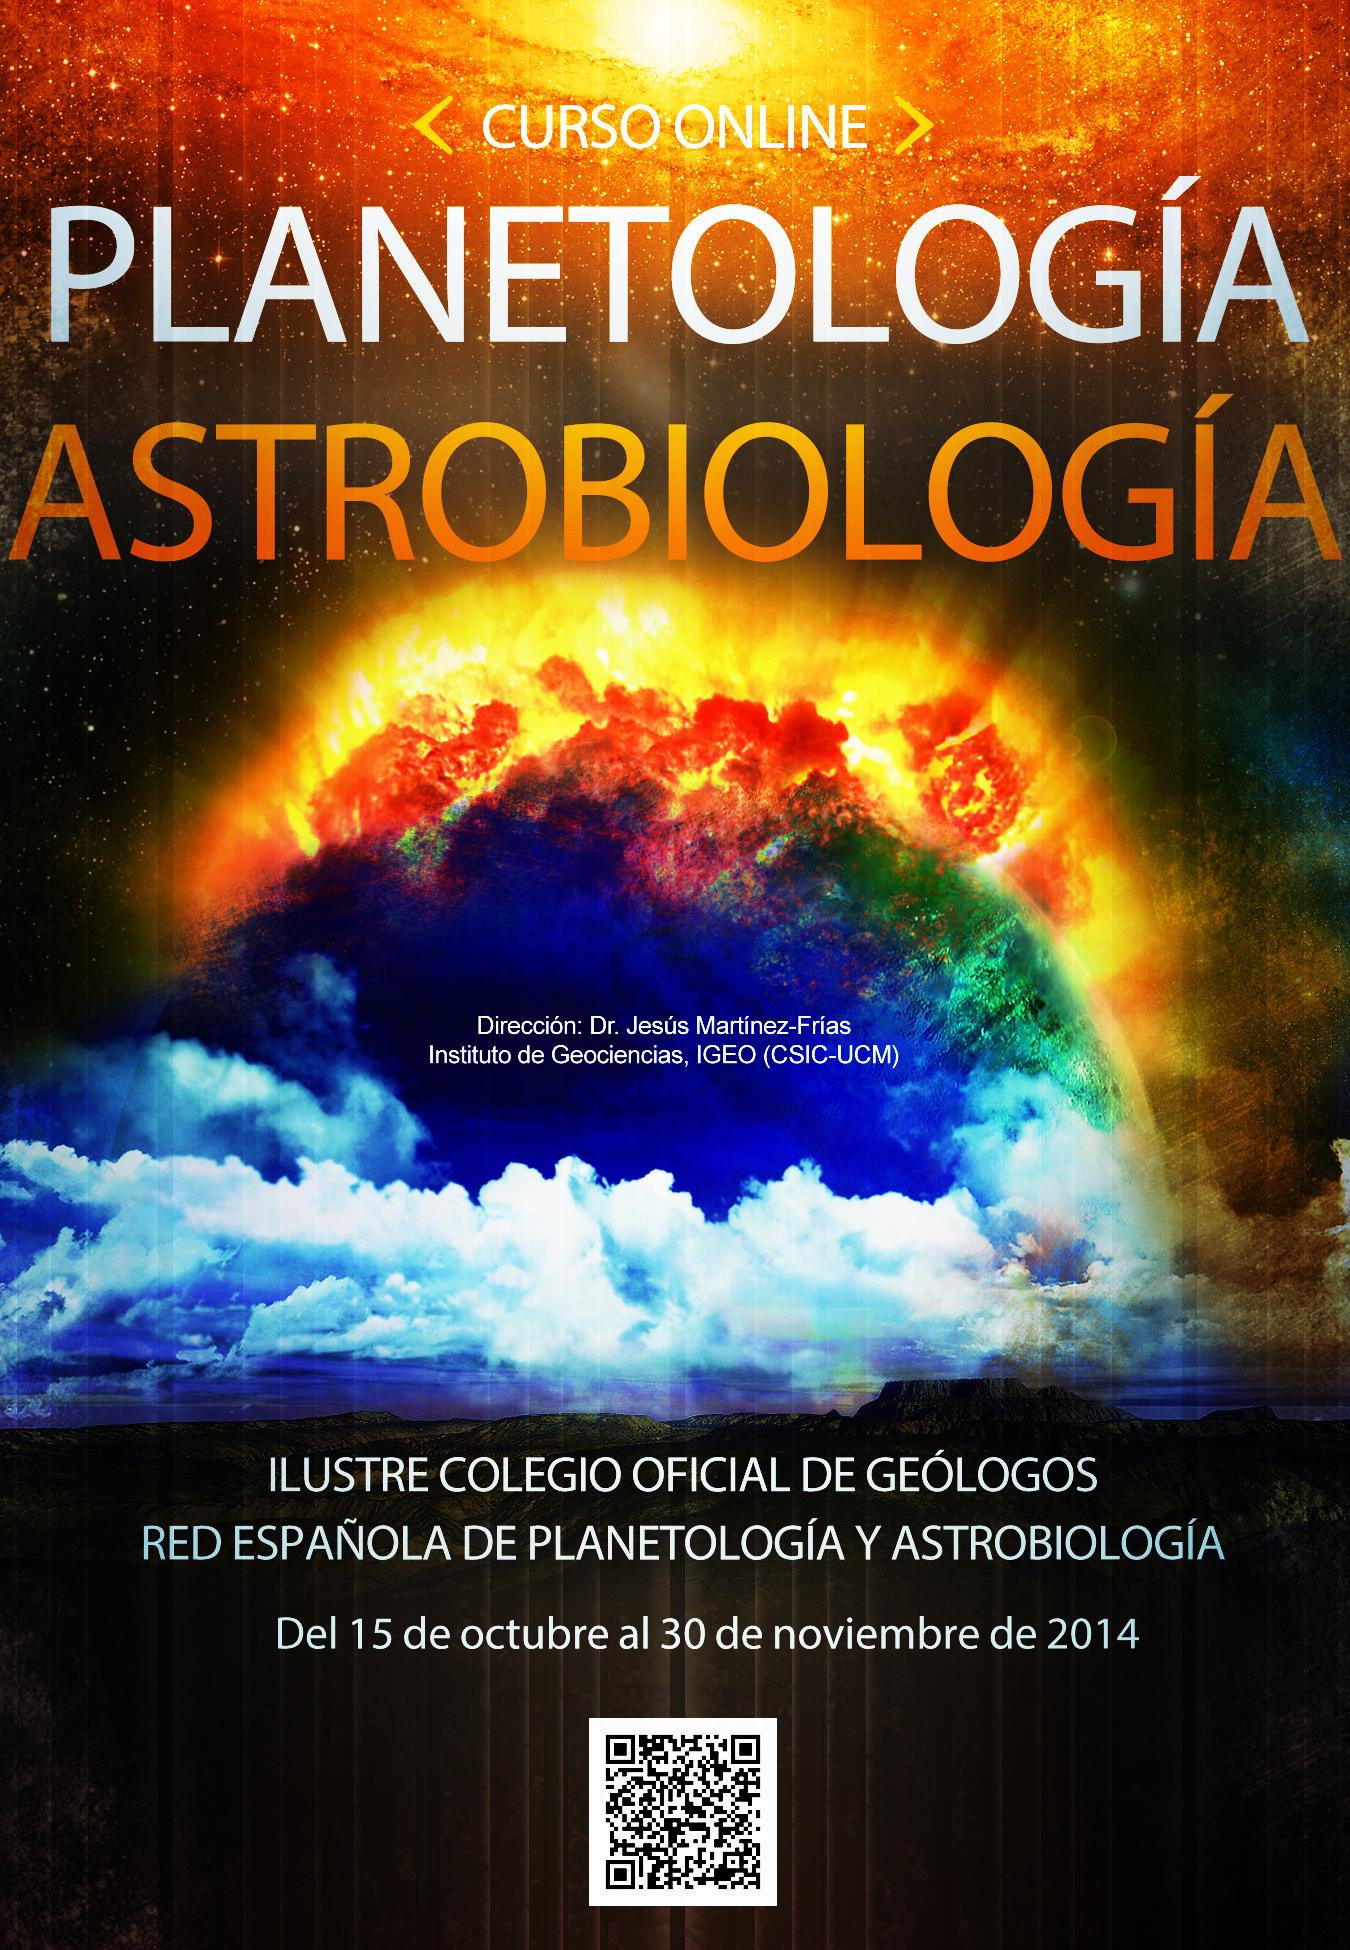 Cartel del I Curso online de Planetología y Astrobiología